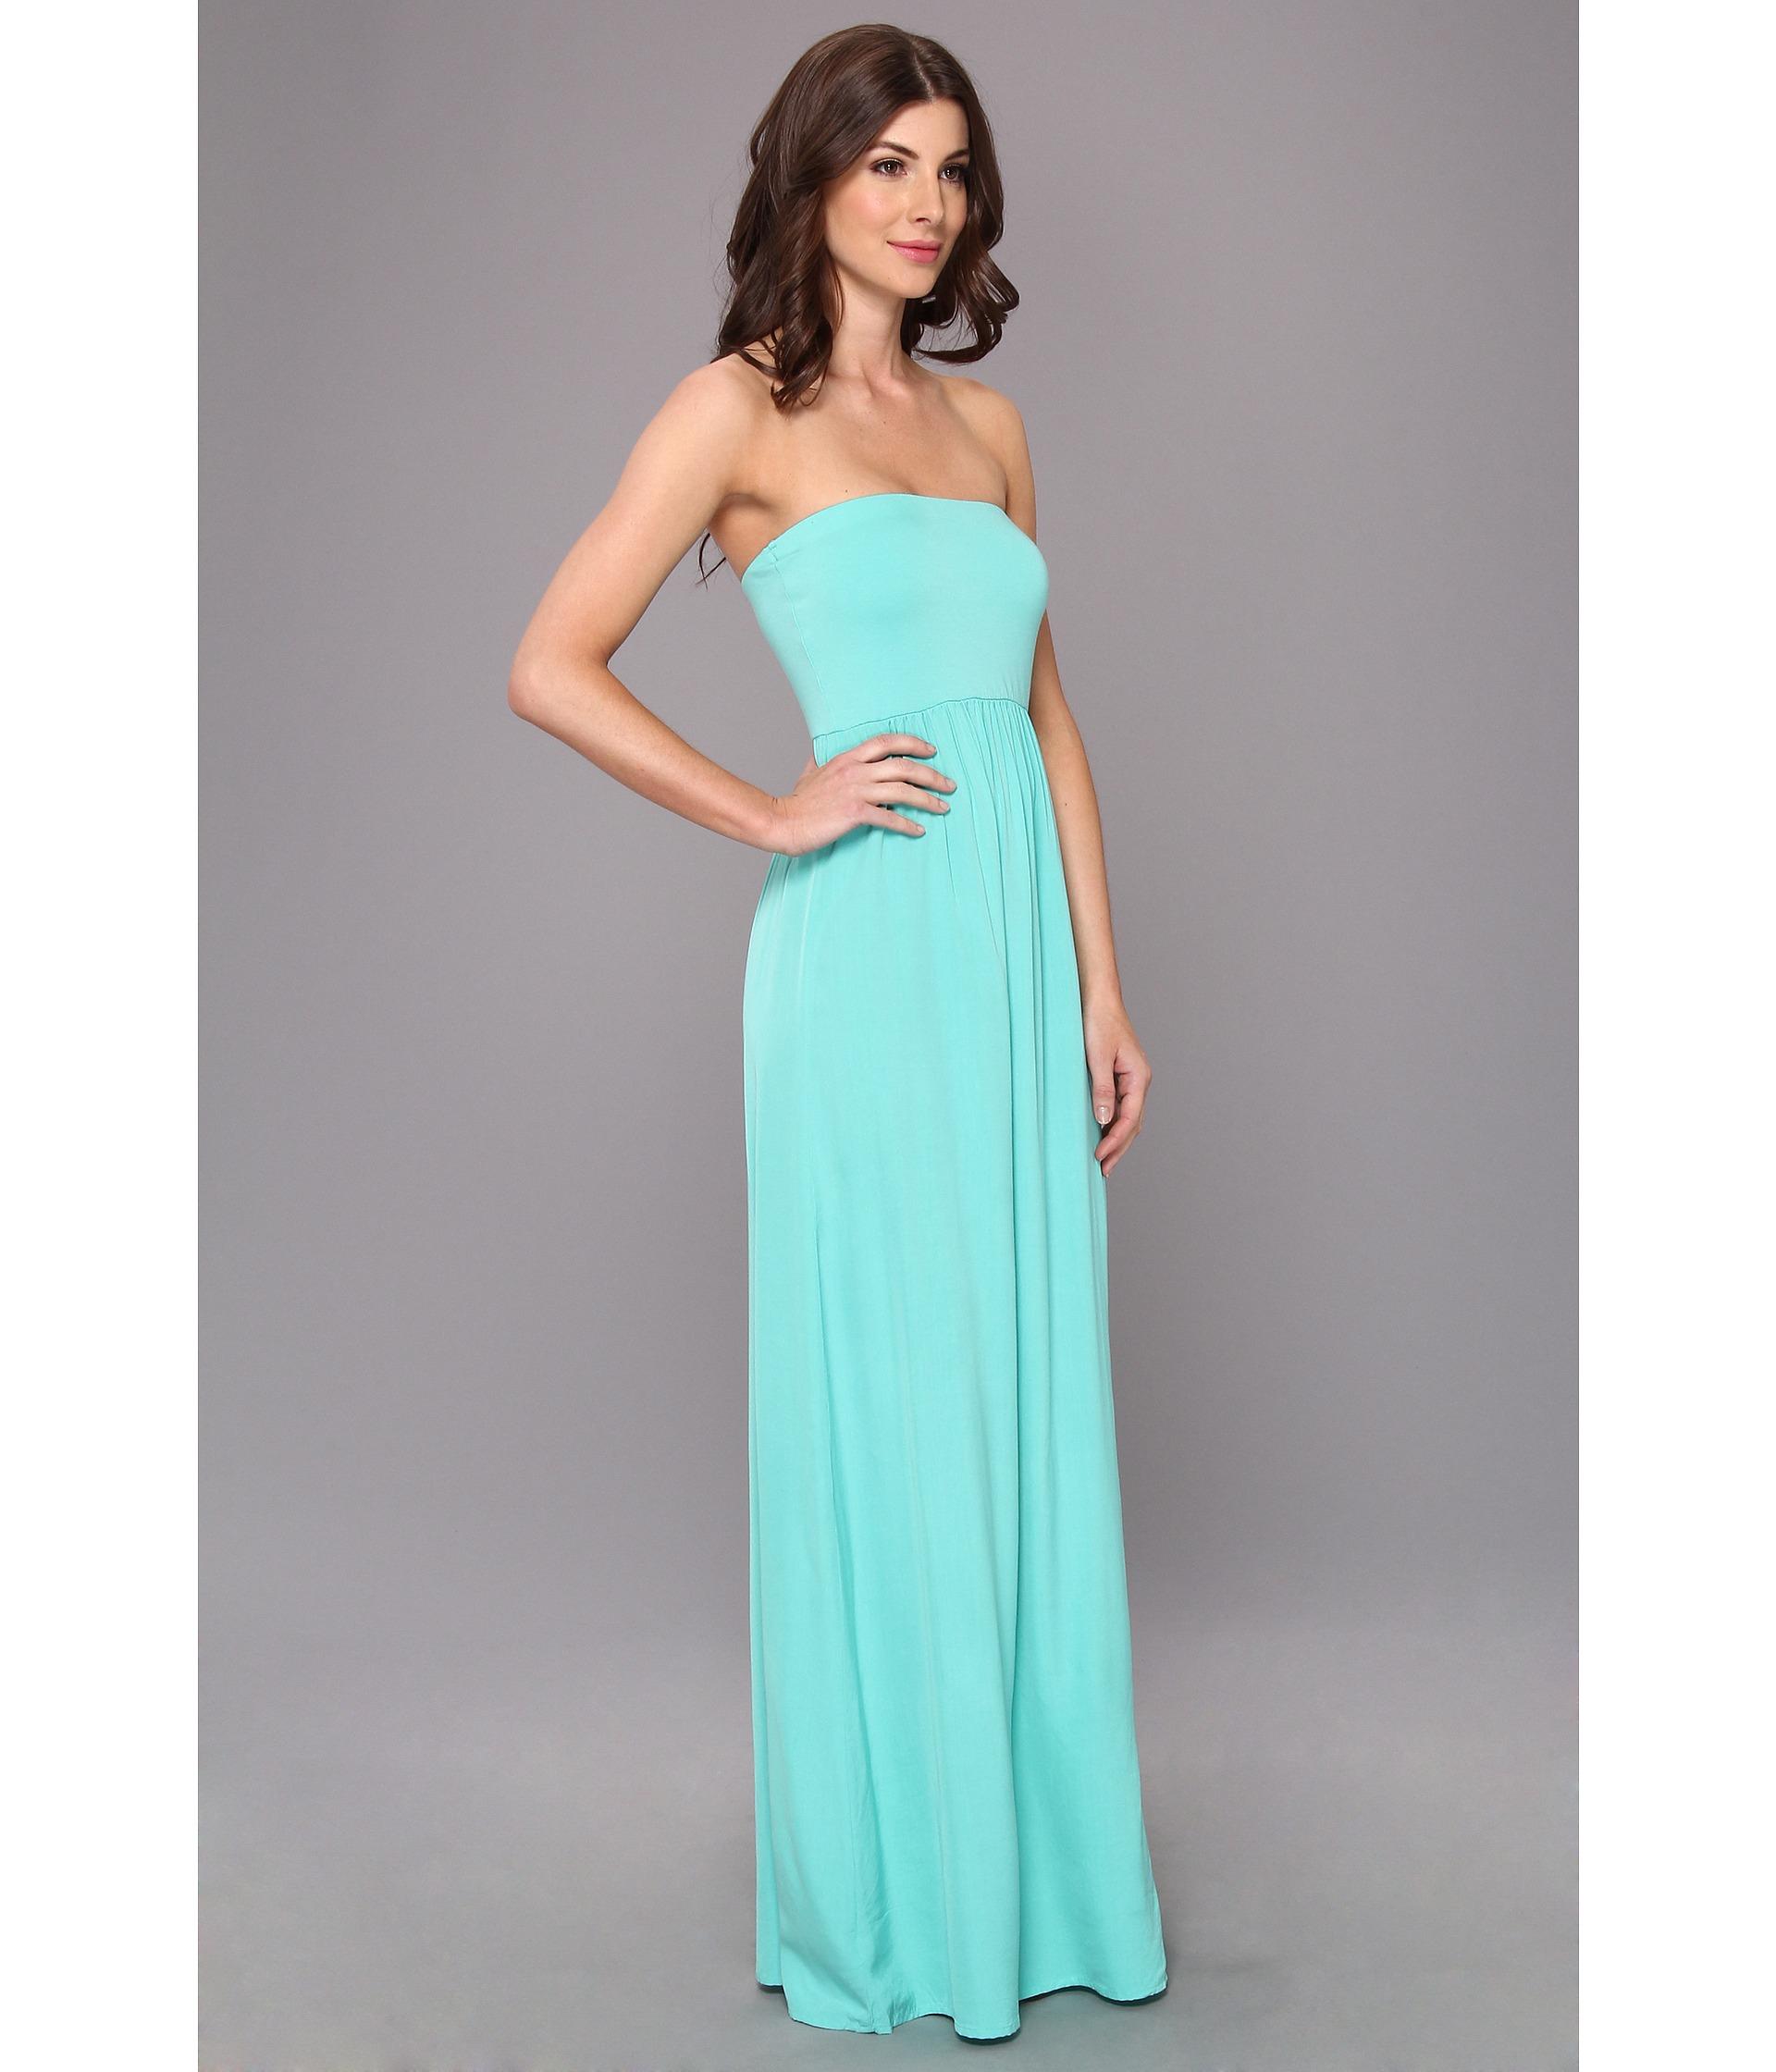 6c2c24ef87a5a Tube Top Maternity Maxi Dress